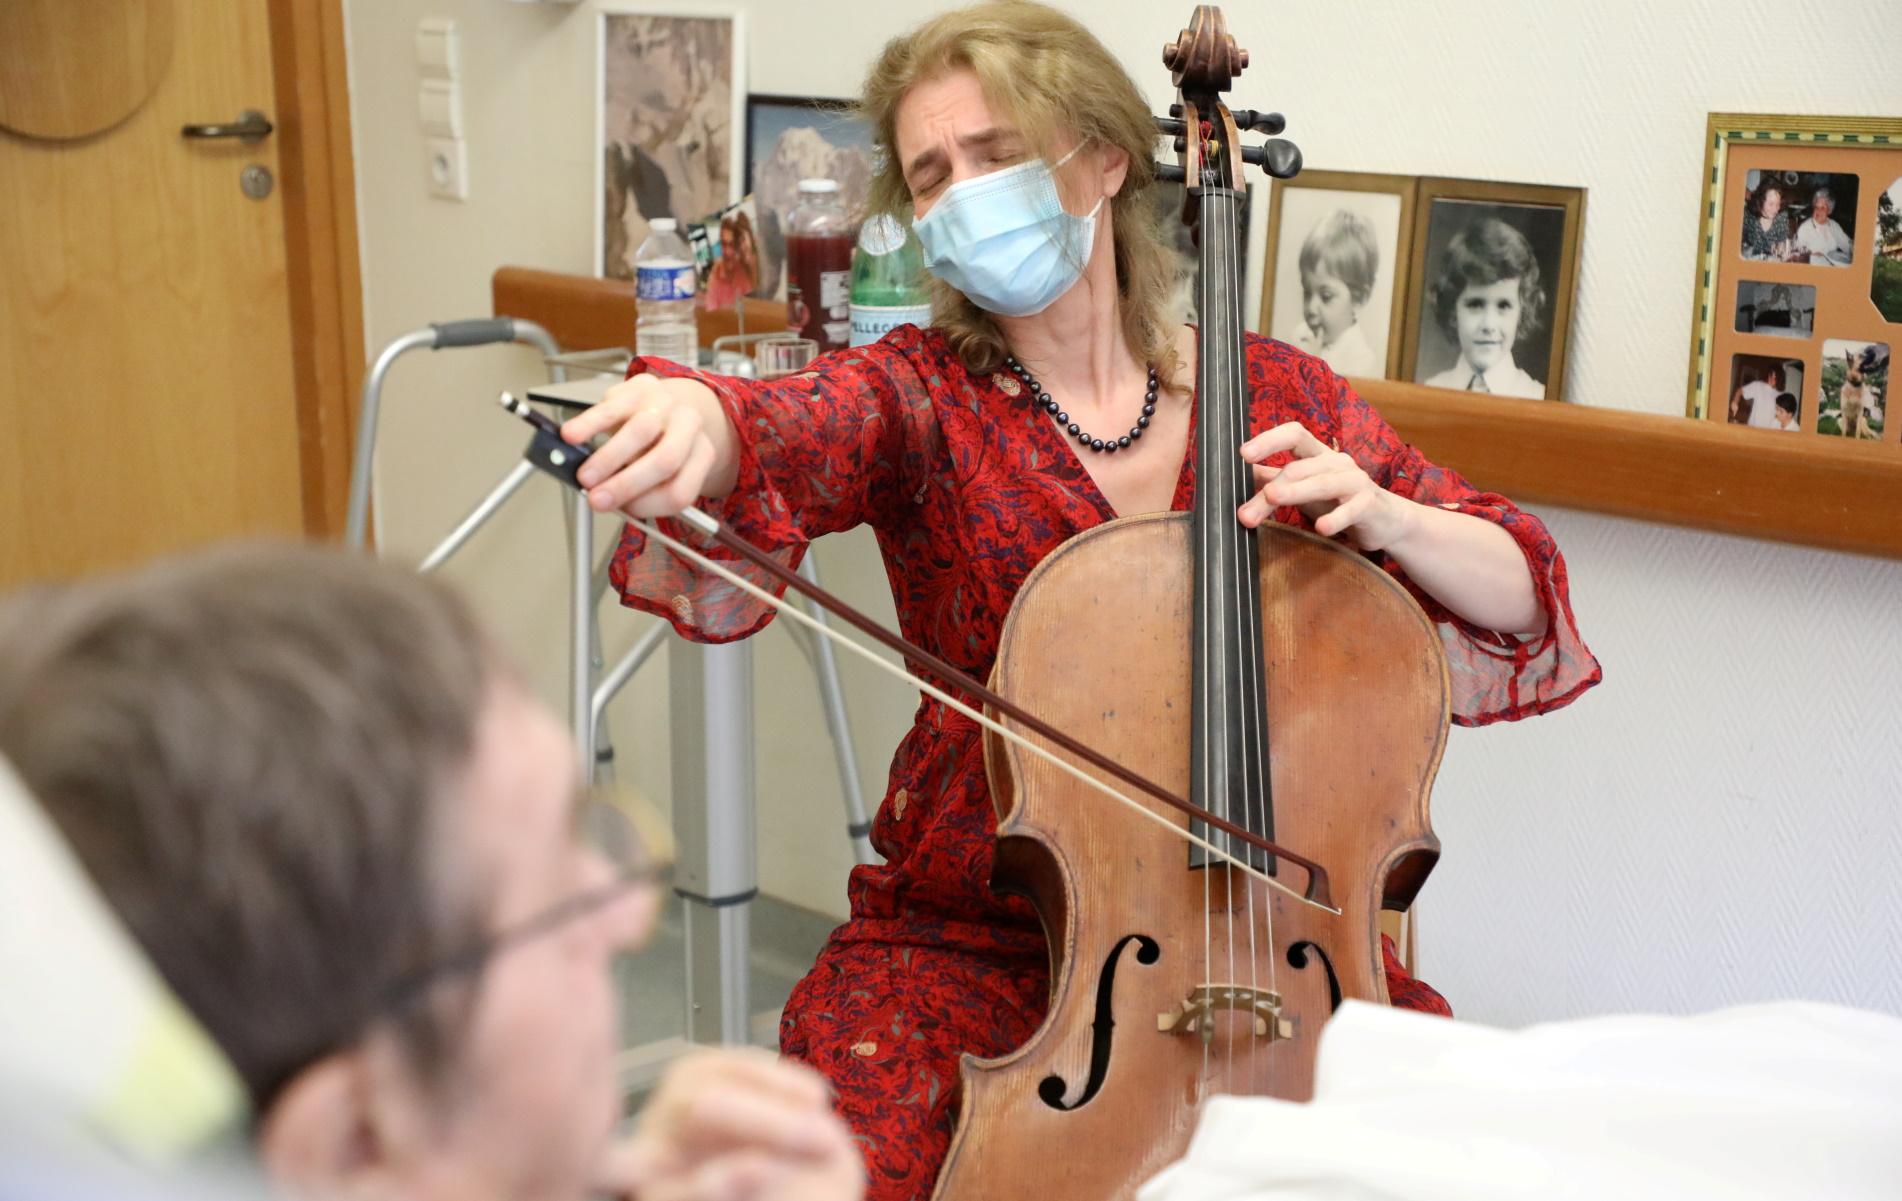 Παρίσι: Παίζει τσέλο για να απαλύνει τον πόνο ασθενών τελικού σταδίου (pics, vid)